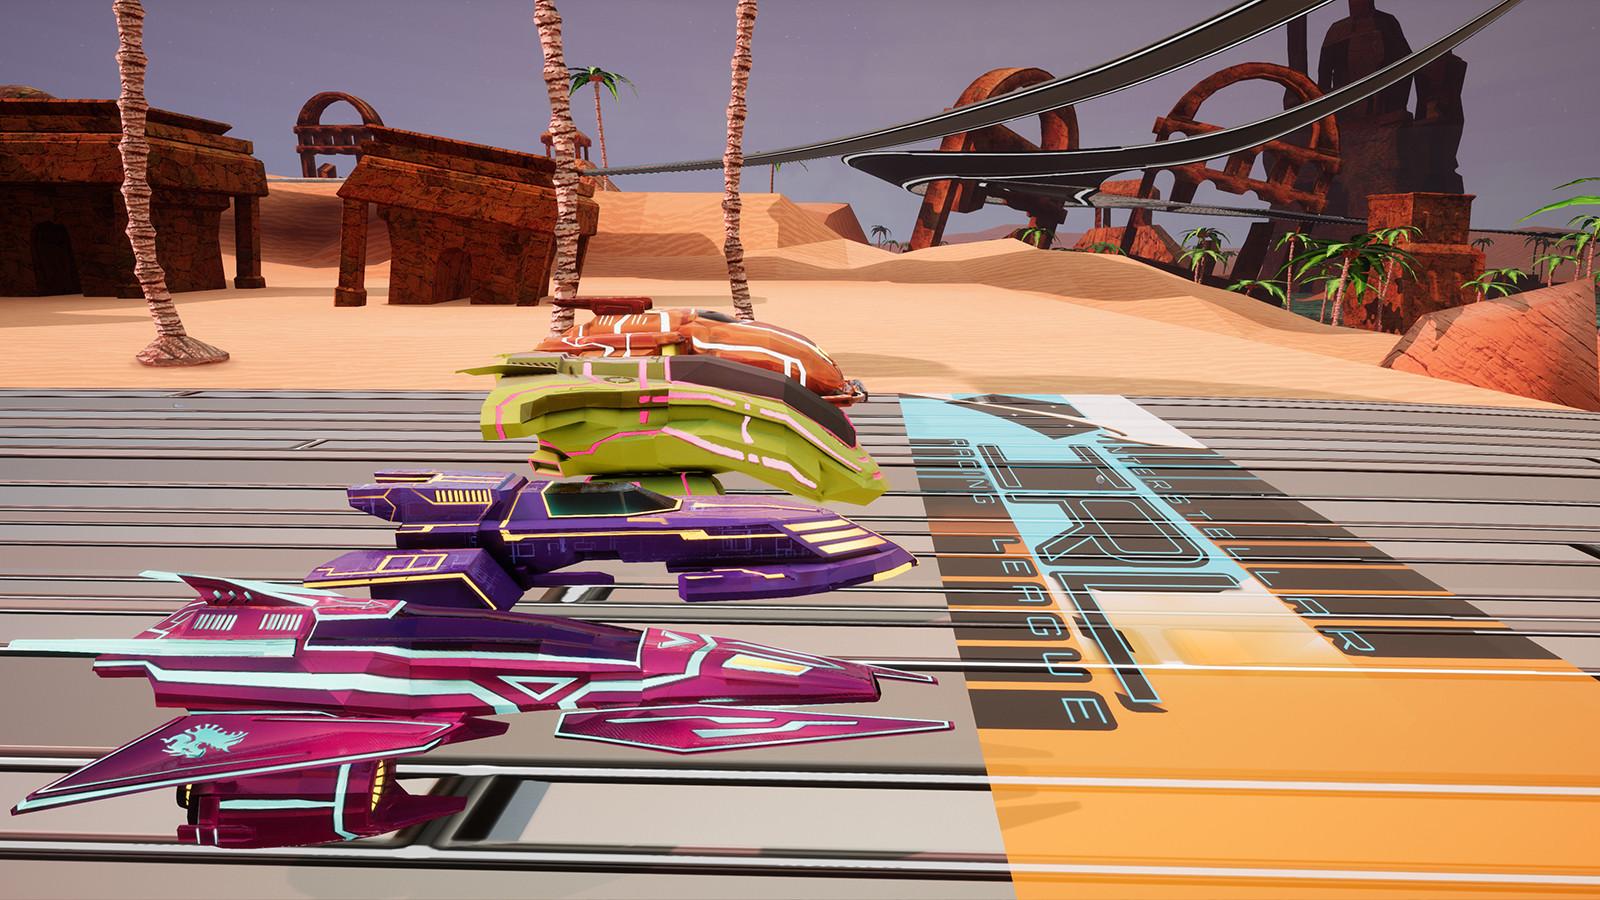 ScreenShot_Cars_169_01.jpg